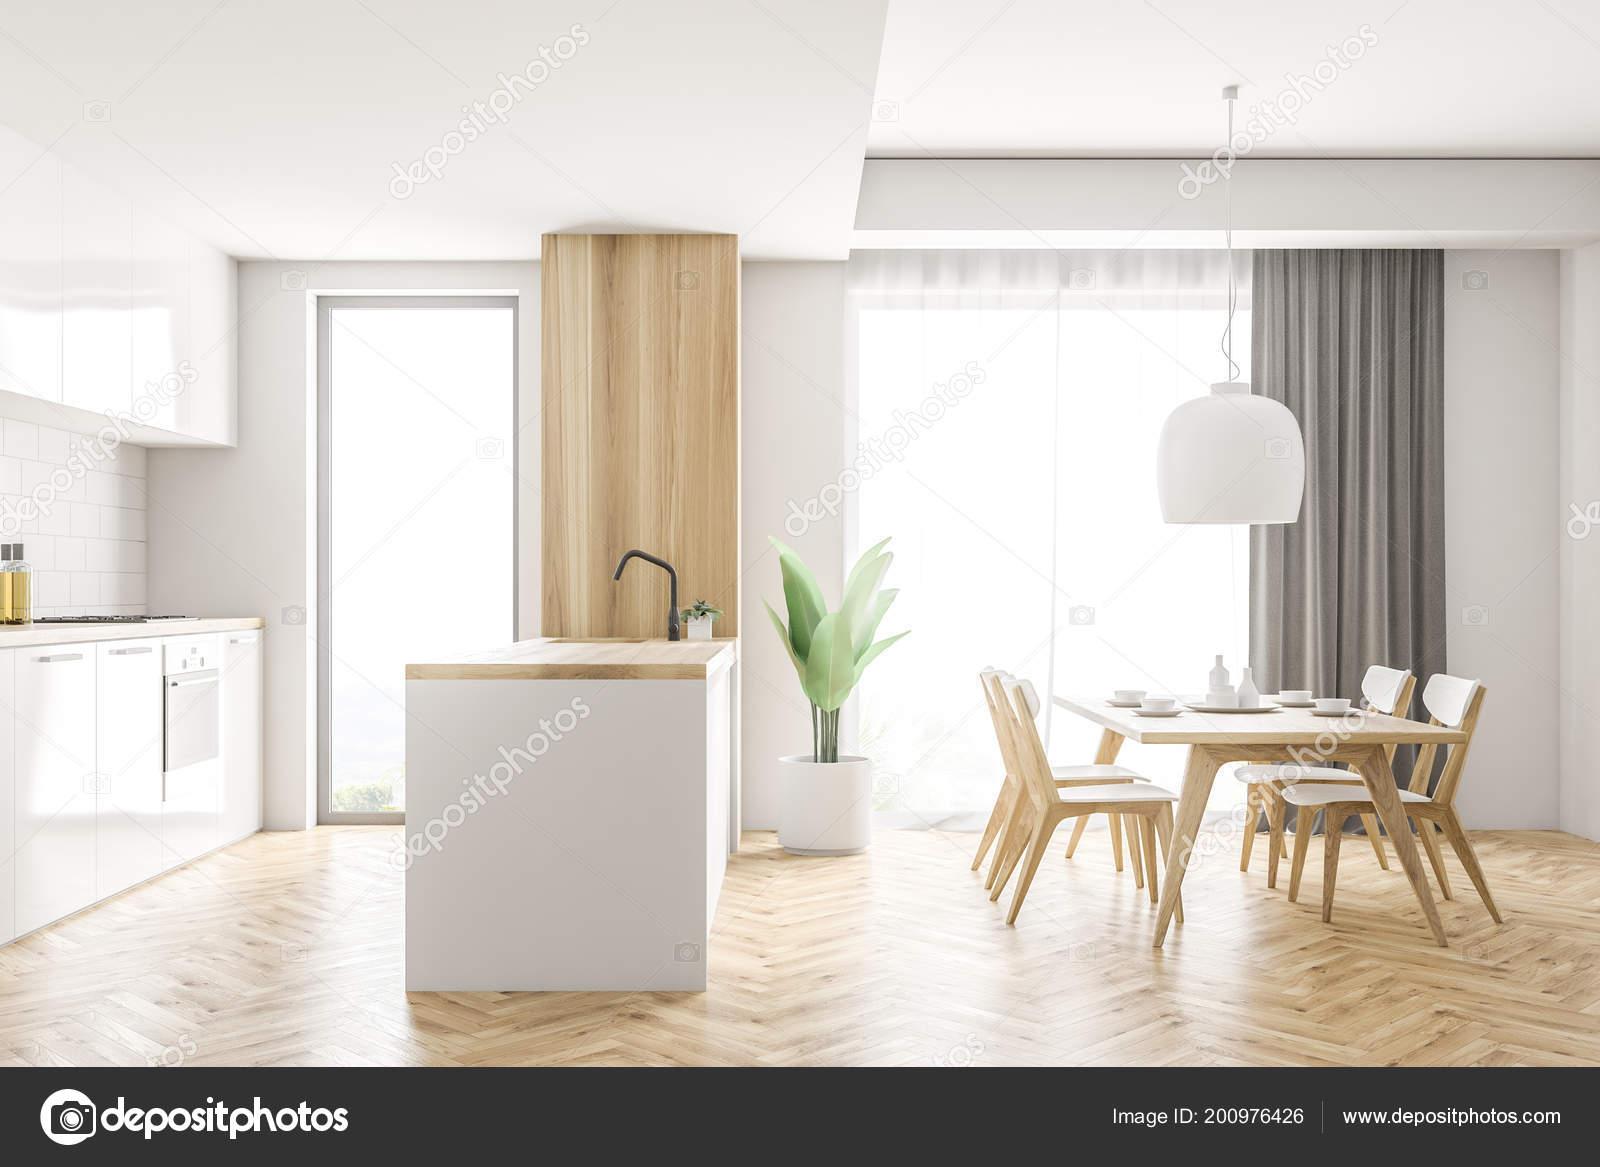 Houten Tafel Met Witte Stoelen.Zijaanzicht Van Witte Houten Keuken Interieur Met Witte Kasten Een